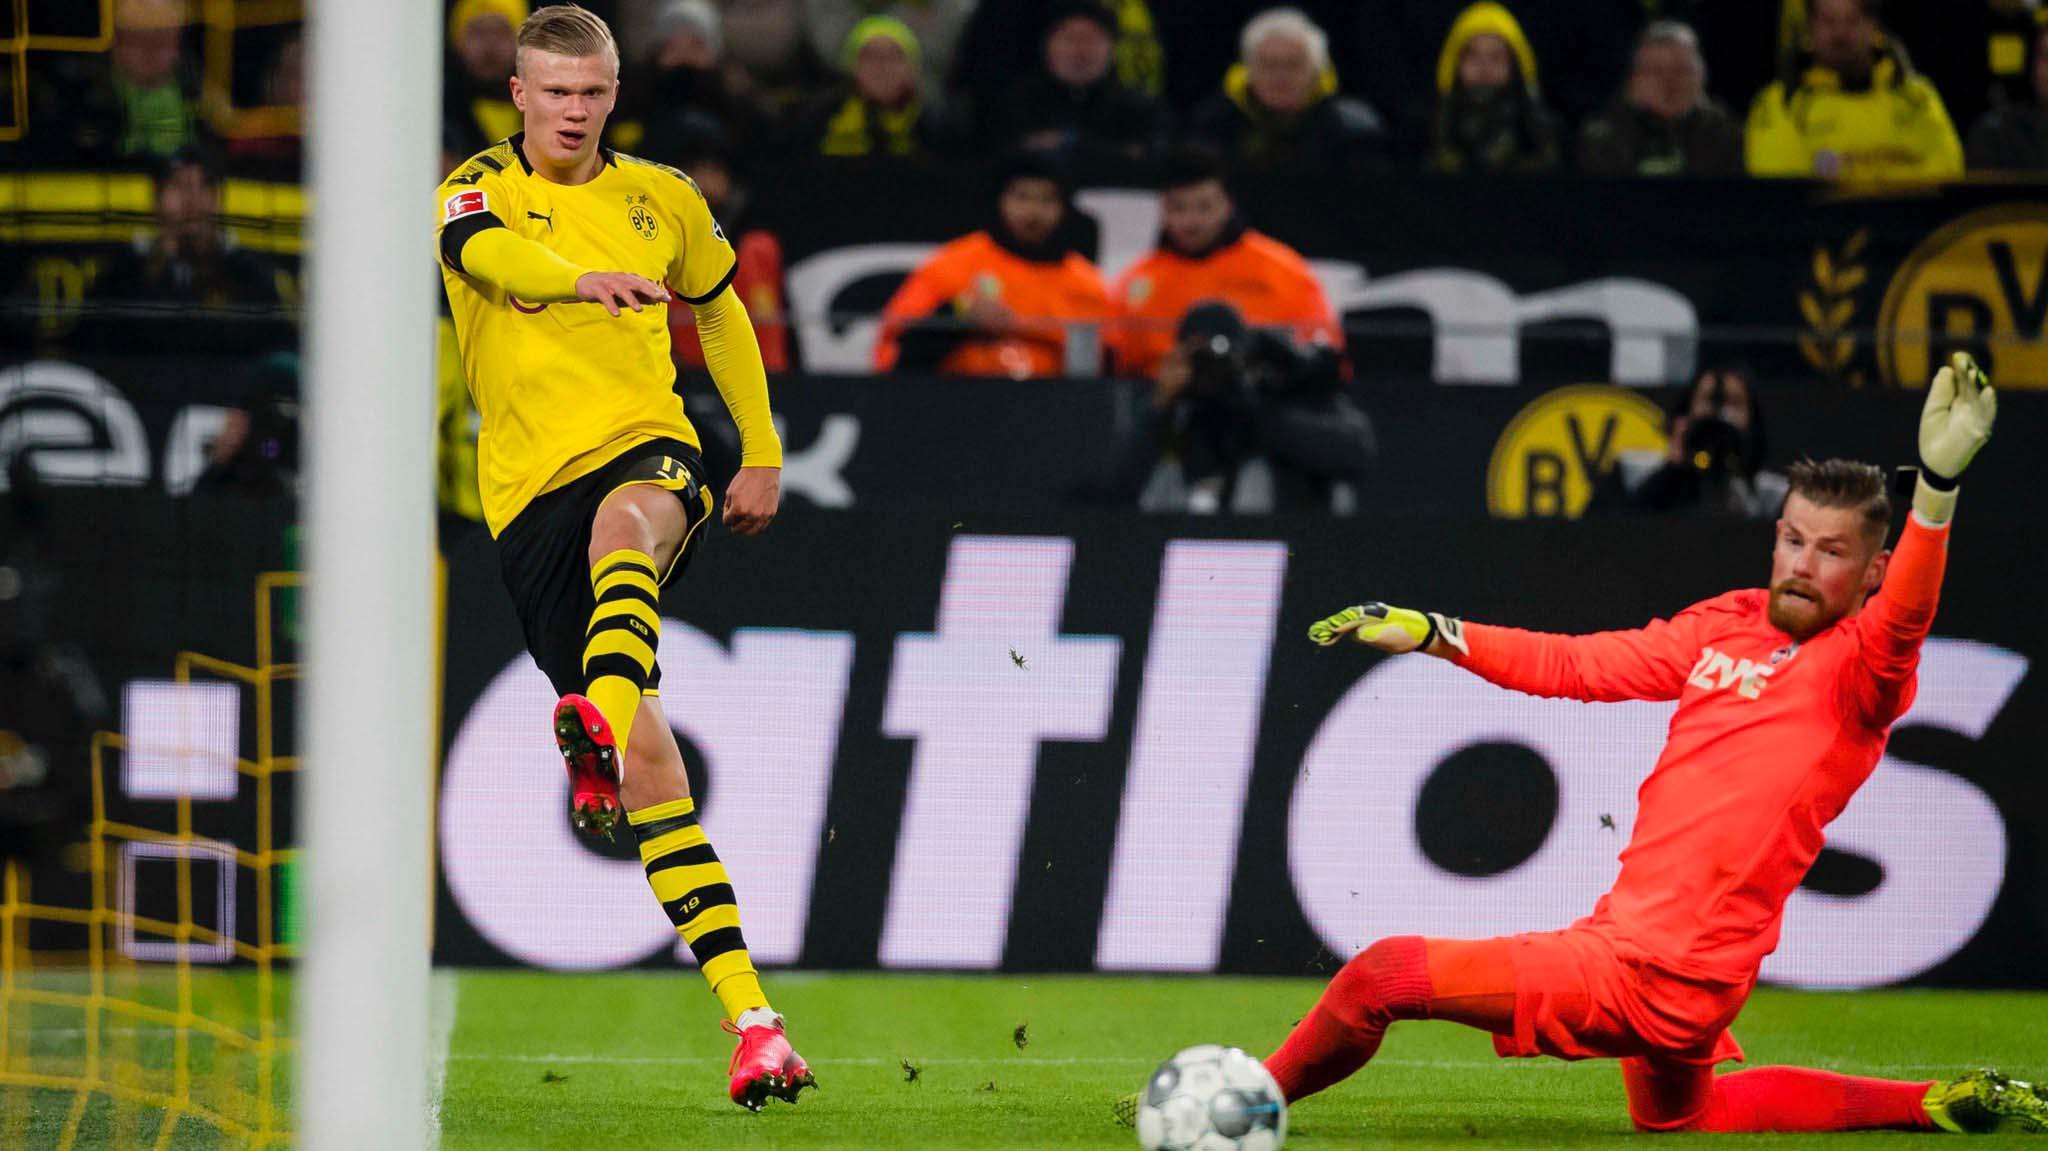 Bundesliga: Erling Haaland's brace helps Dortmund thump Cologne 5-1